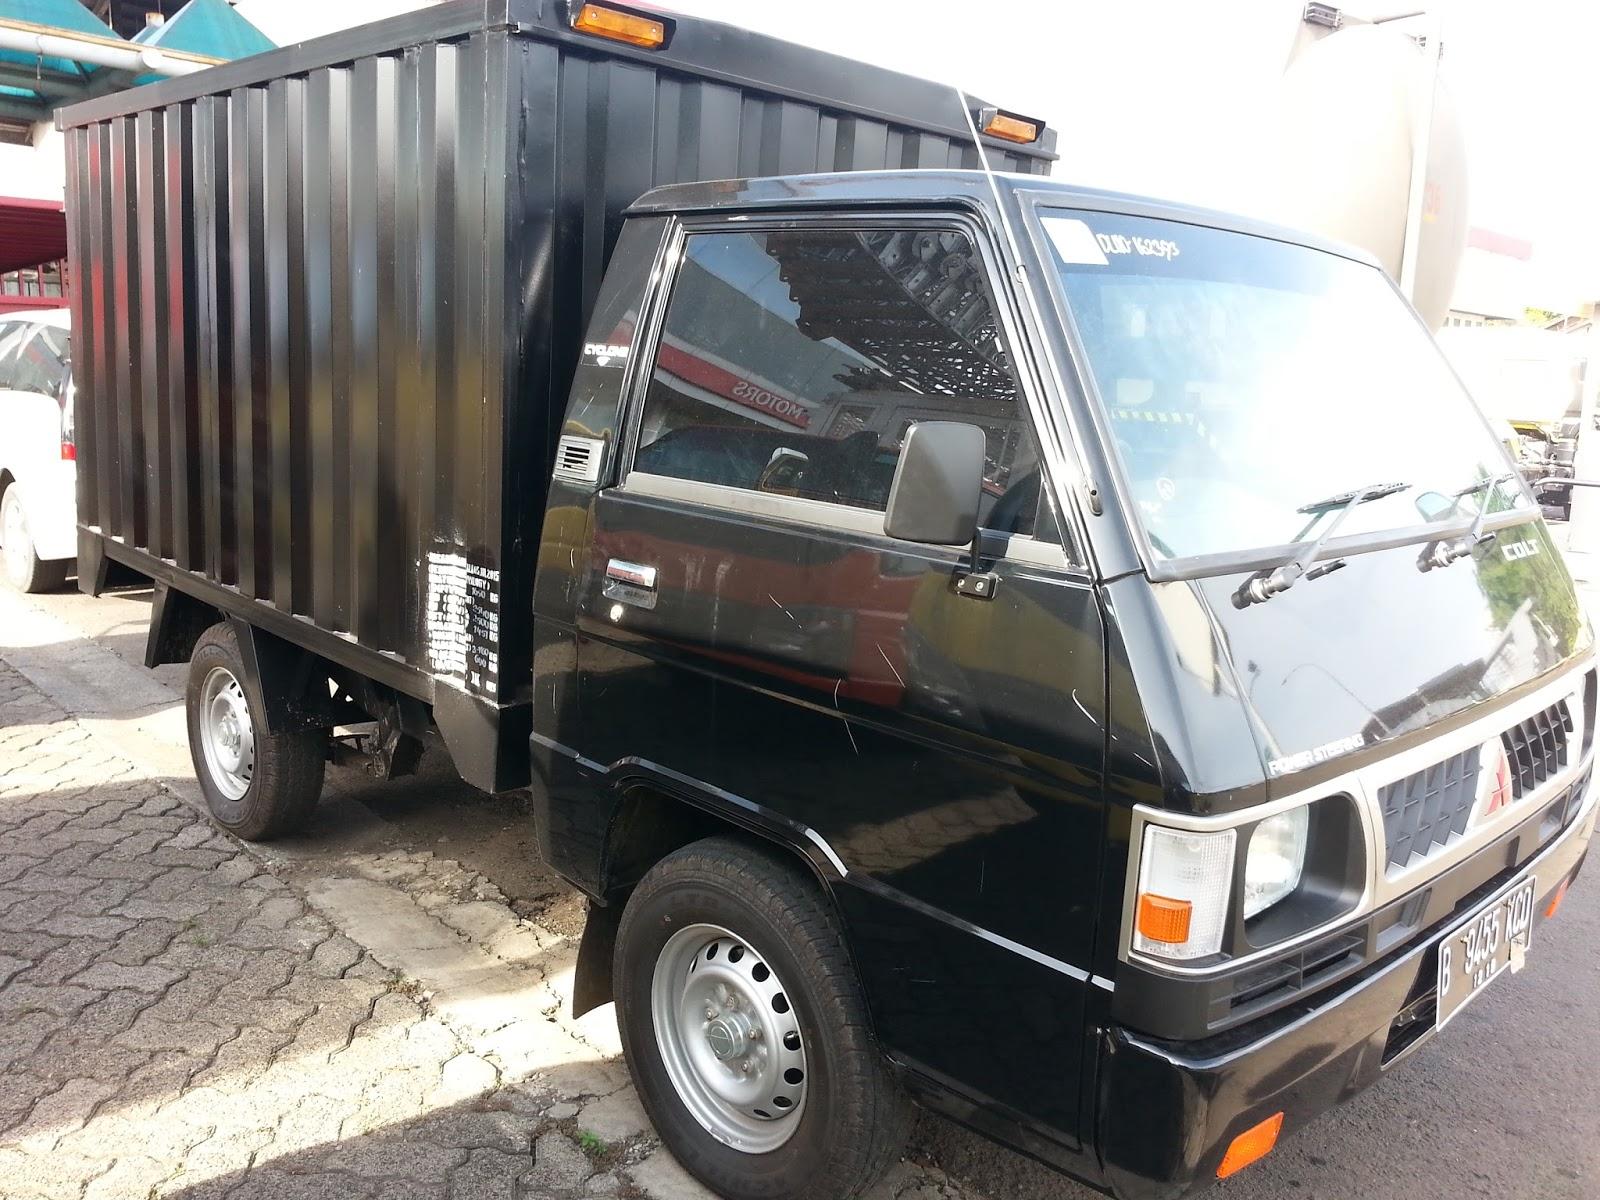 Harga Mitsubishi Colt L300 Box Besi Container Kapasitan Angkutan 2 3 Ton Informasi Dan Spesifikasi 081316667680